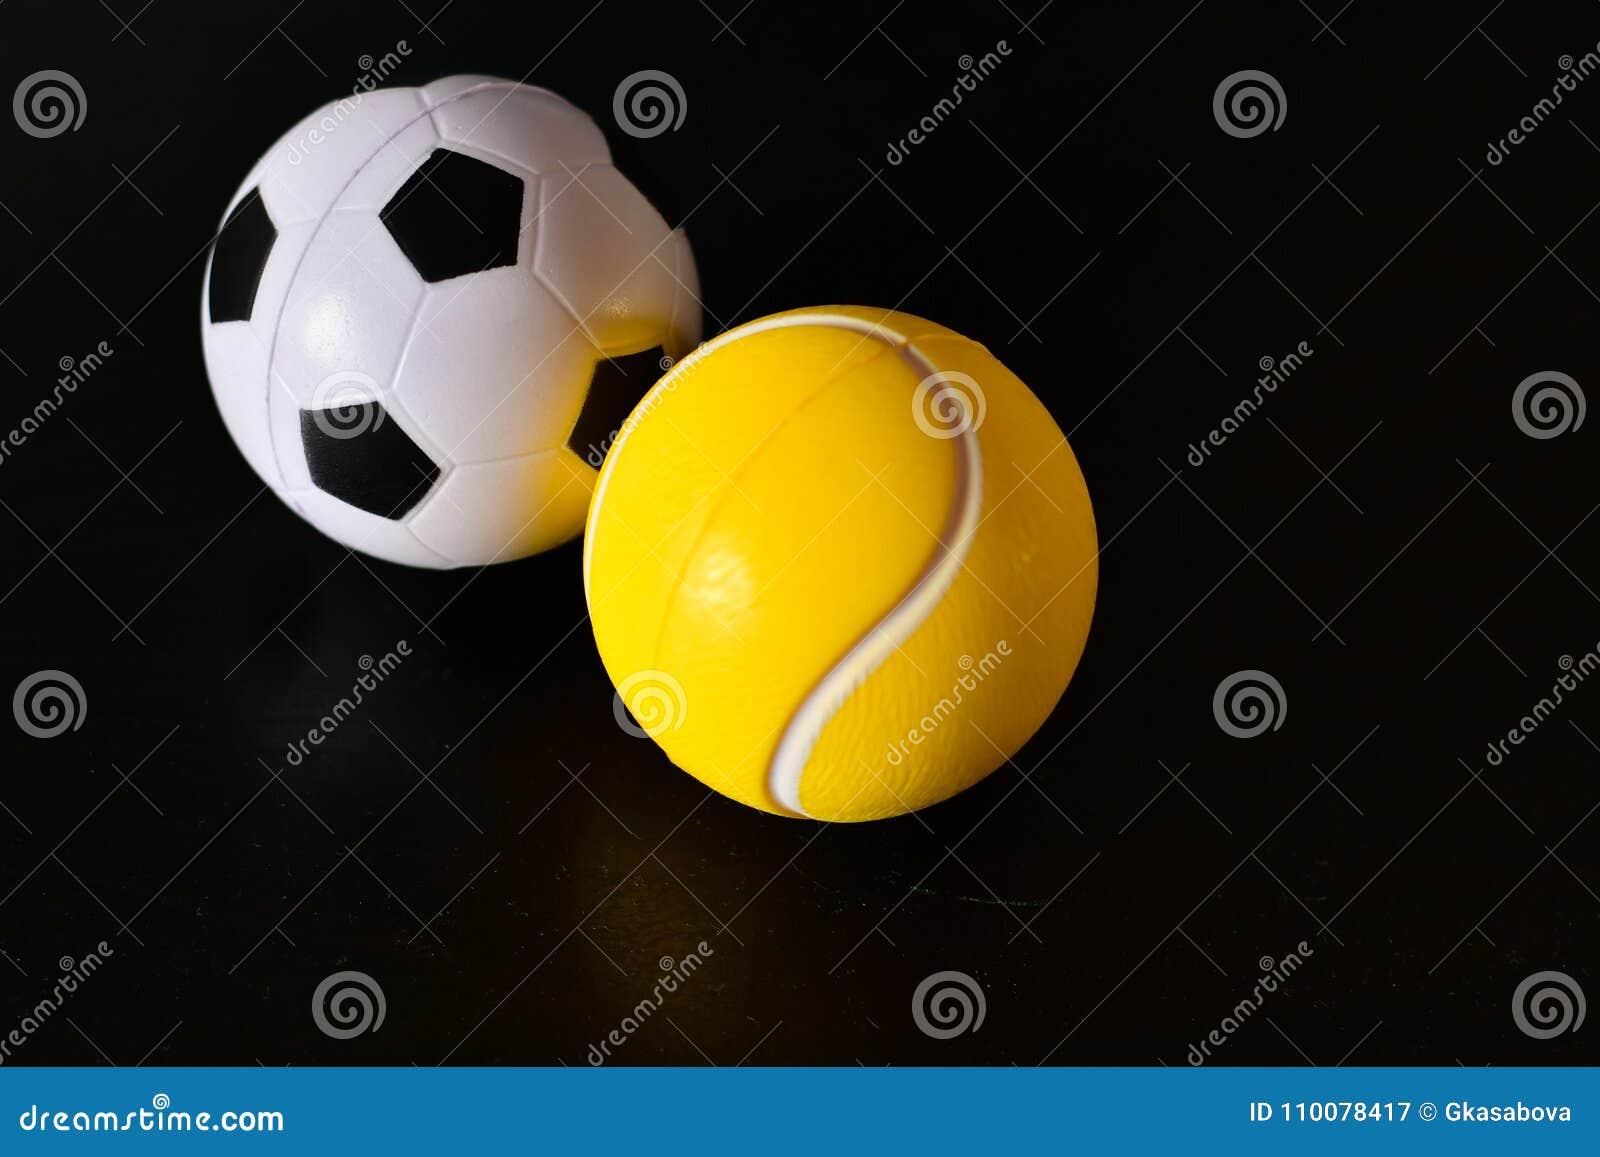 Bolas De Del Tenis Y Fútbol Imagen Veintiuna Archivo K1FJucTl3